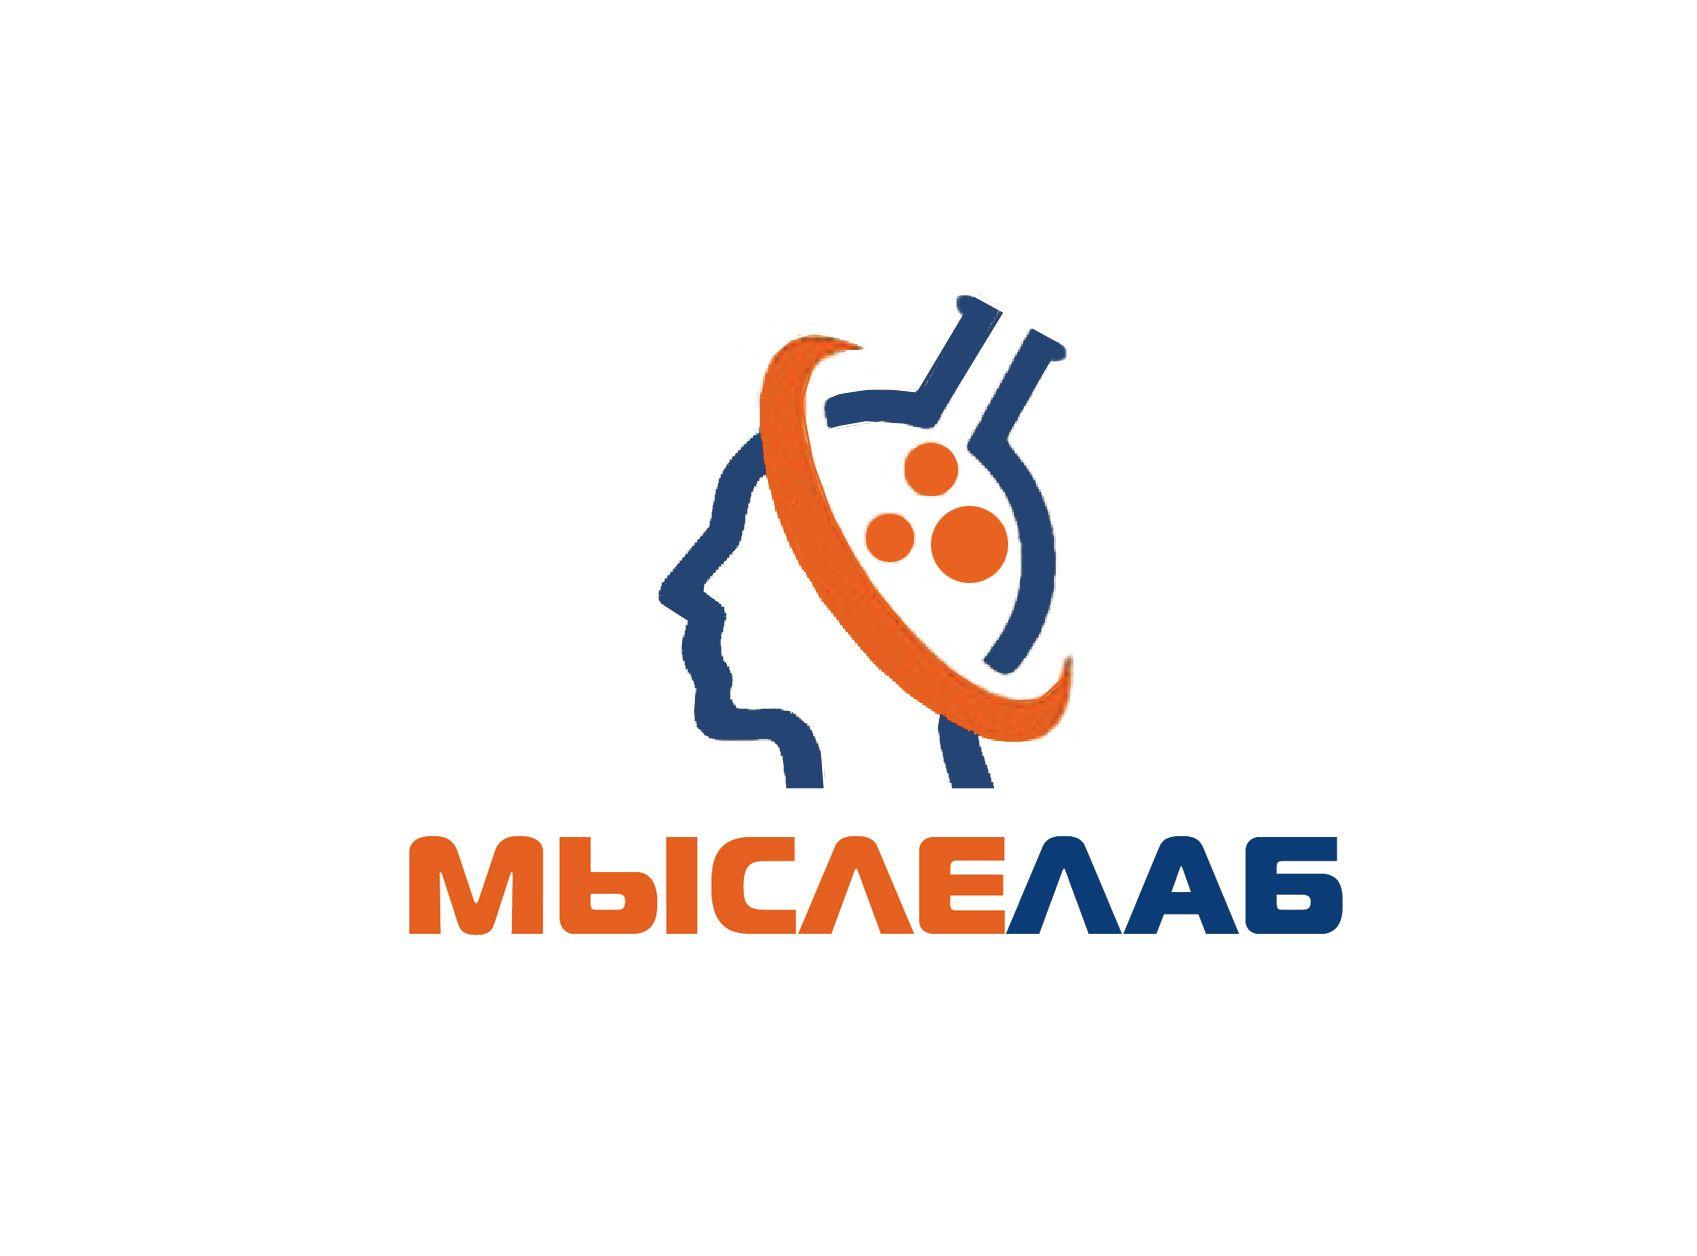 Мыслелаб! Логотип для интеллектуального центра - дизайнер BRUINISHE